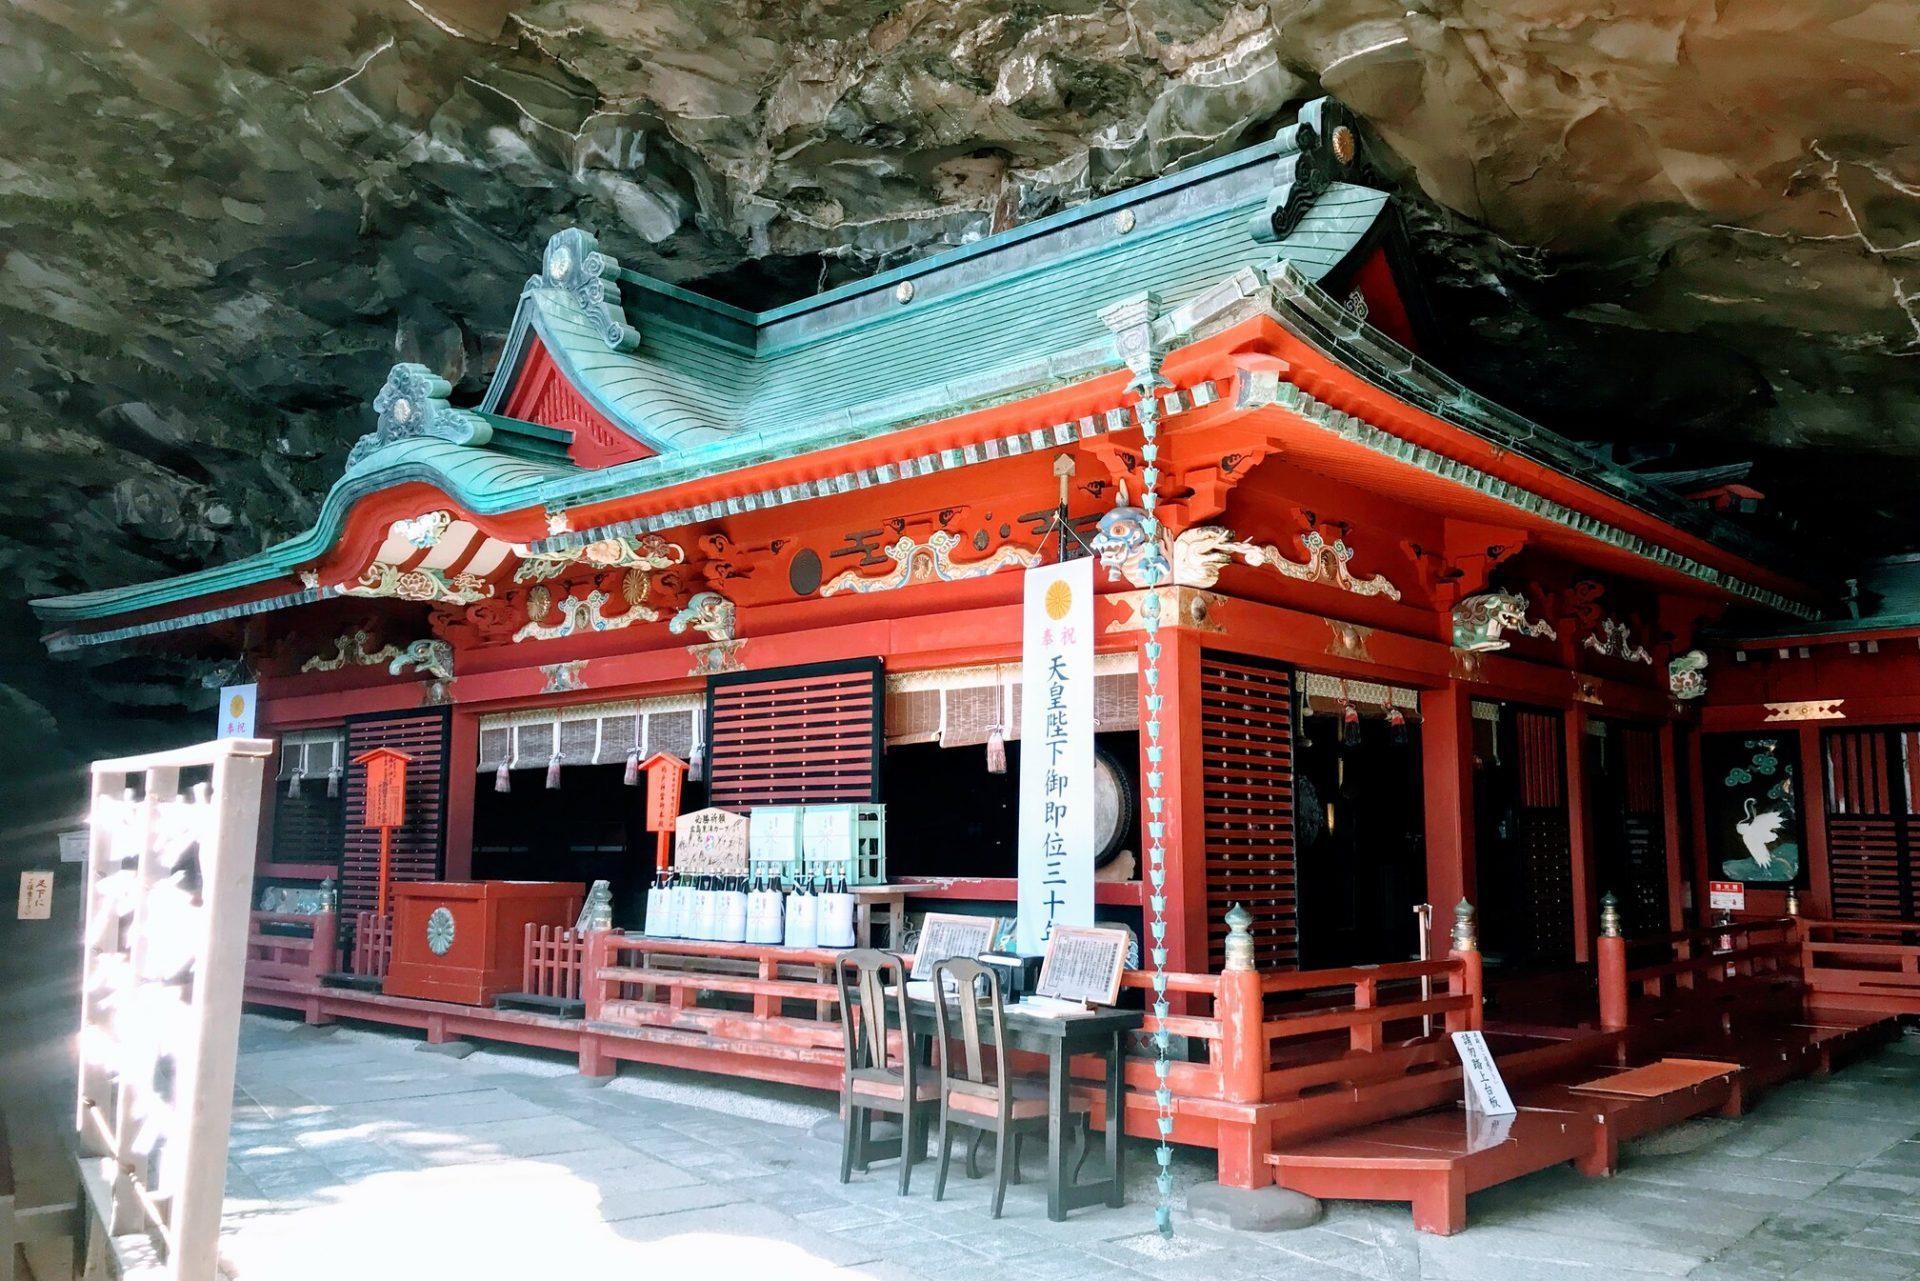 鵜戸神宮 宮崎県 九州 有名 神社 おすすめ 観光 旅行 歴史